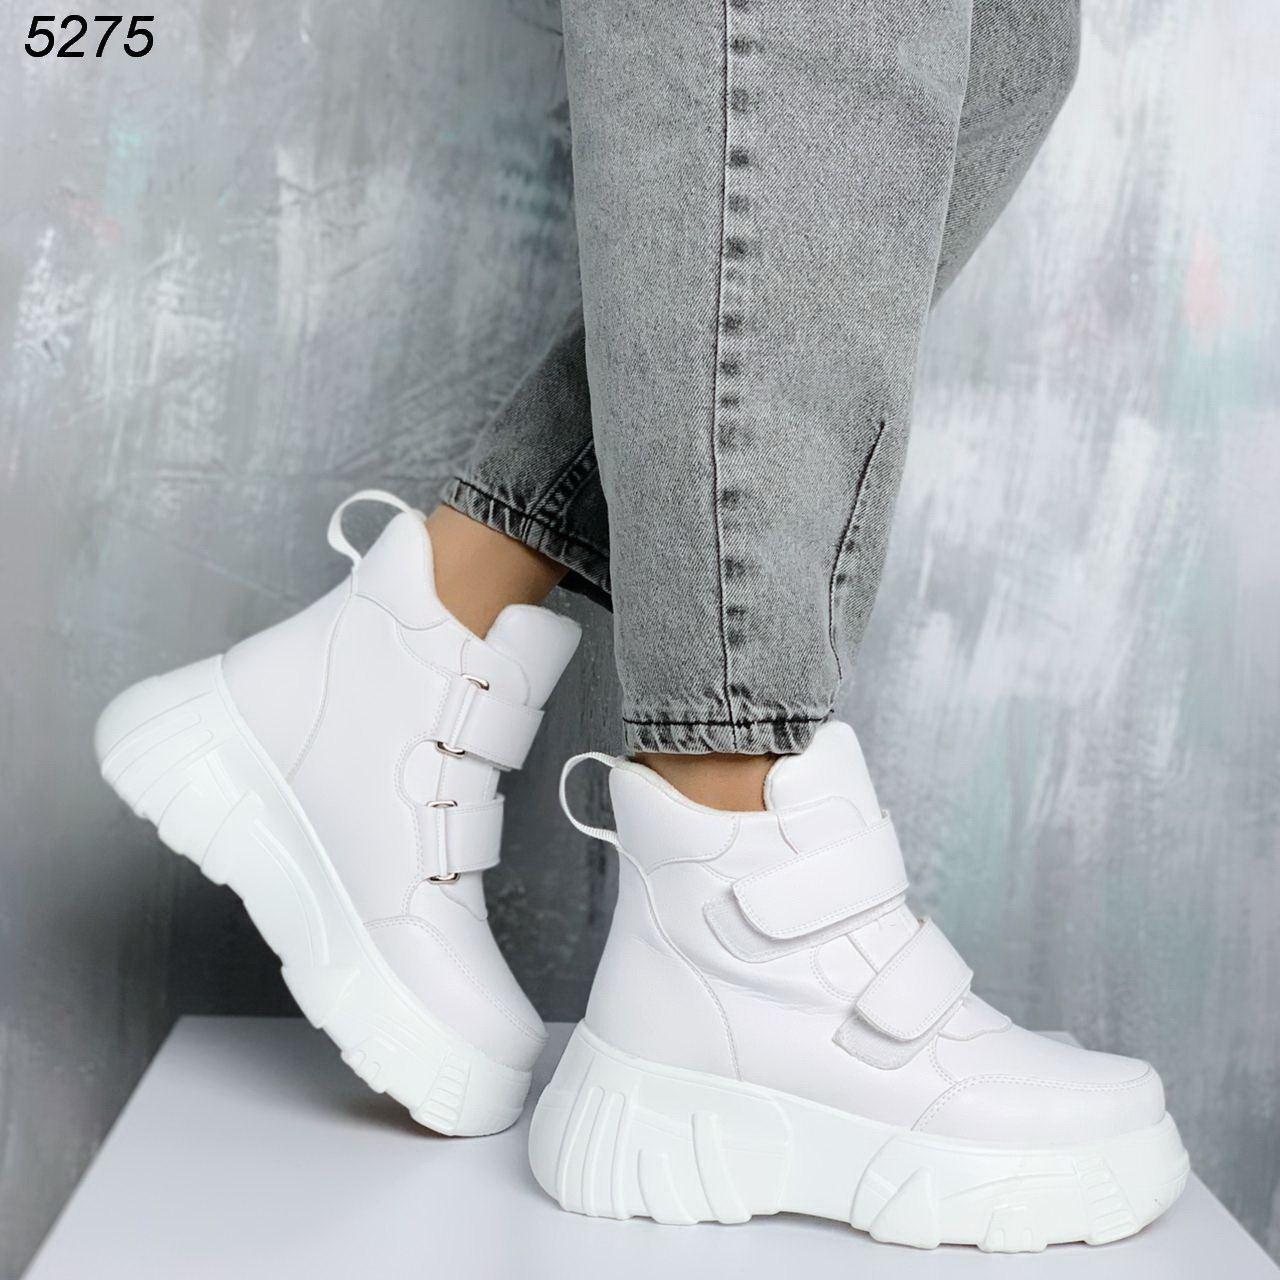 Женские зимние ботинки белые из экокожи на липучках JQ5275